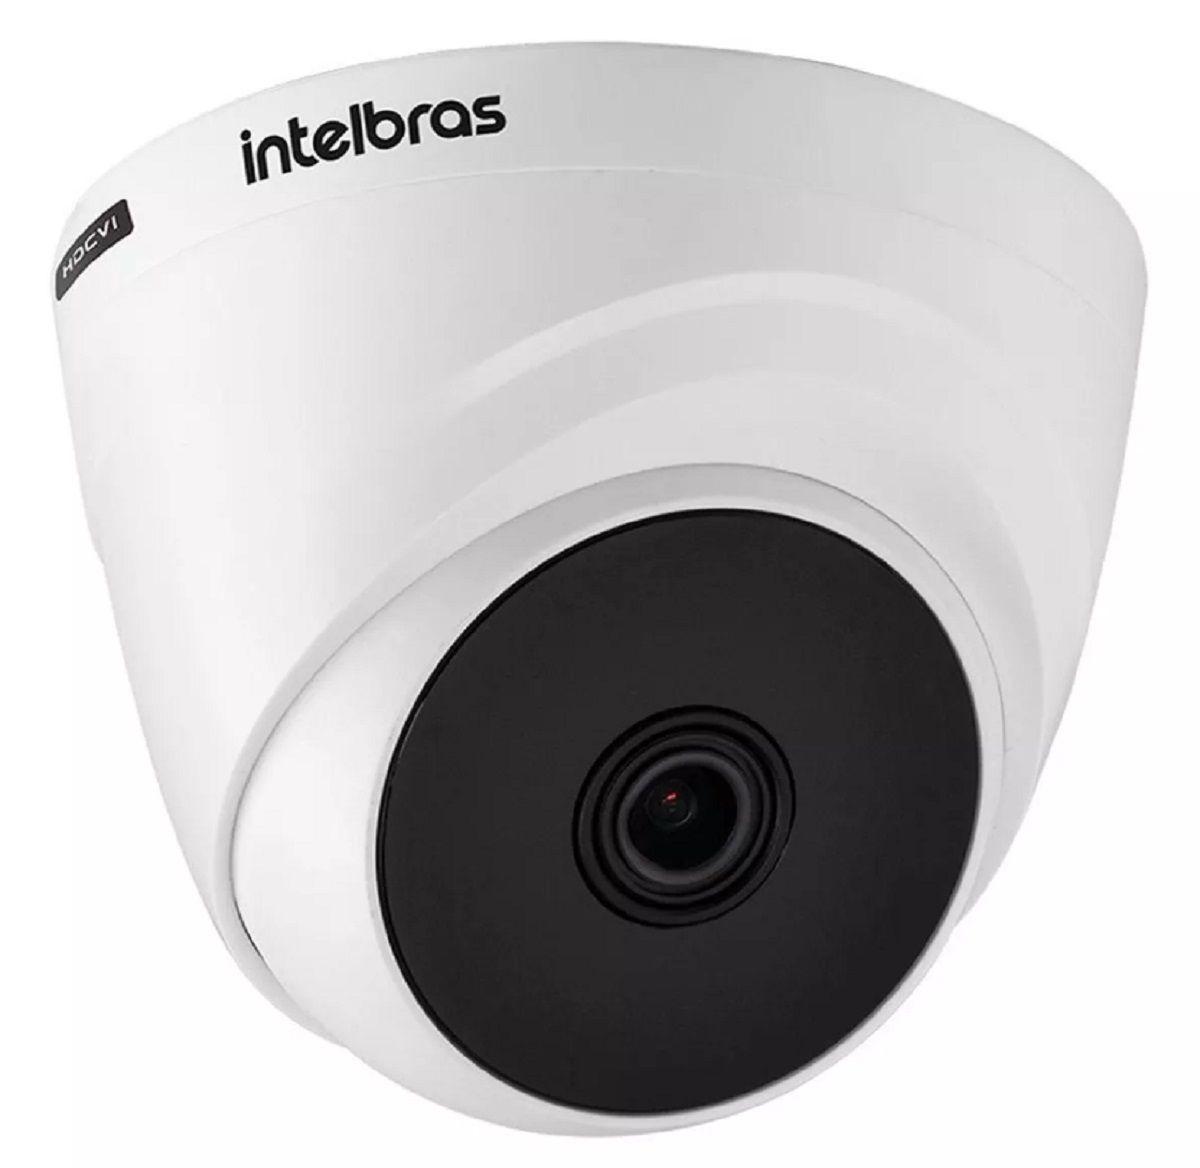 Camera Vigilancia Infra Intelbras Dome Hdcvi 720p Vhd 1010d